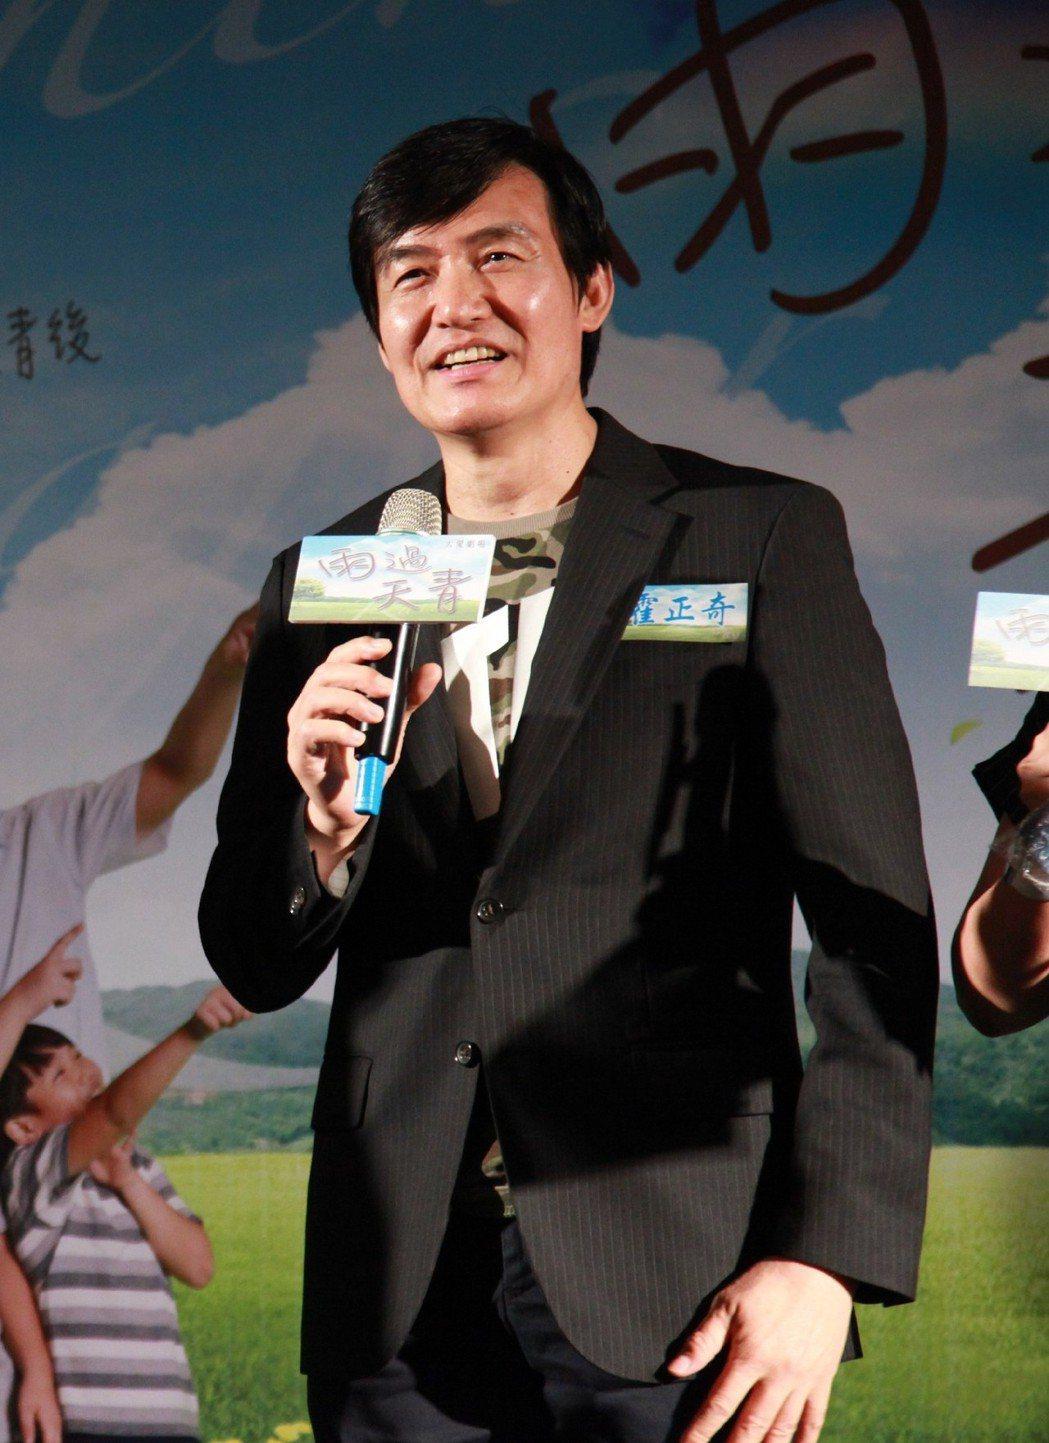 霍正奇在「雨過天青」戲中飾演本尊林鳳朝的爸爸。圖/大愛台提供